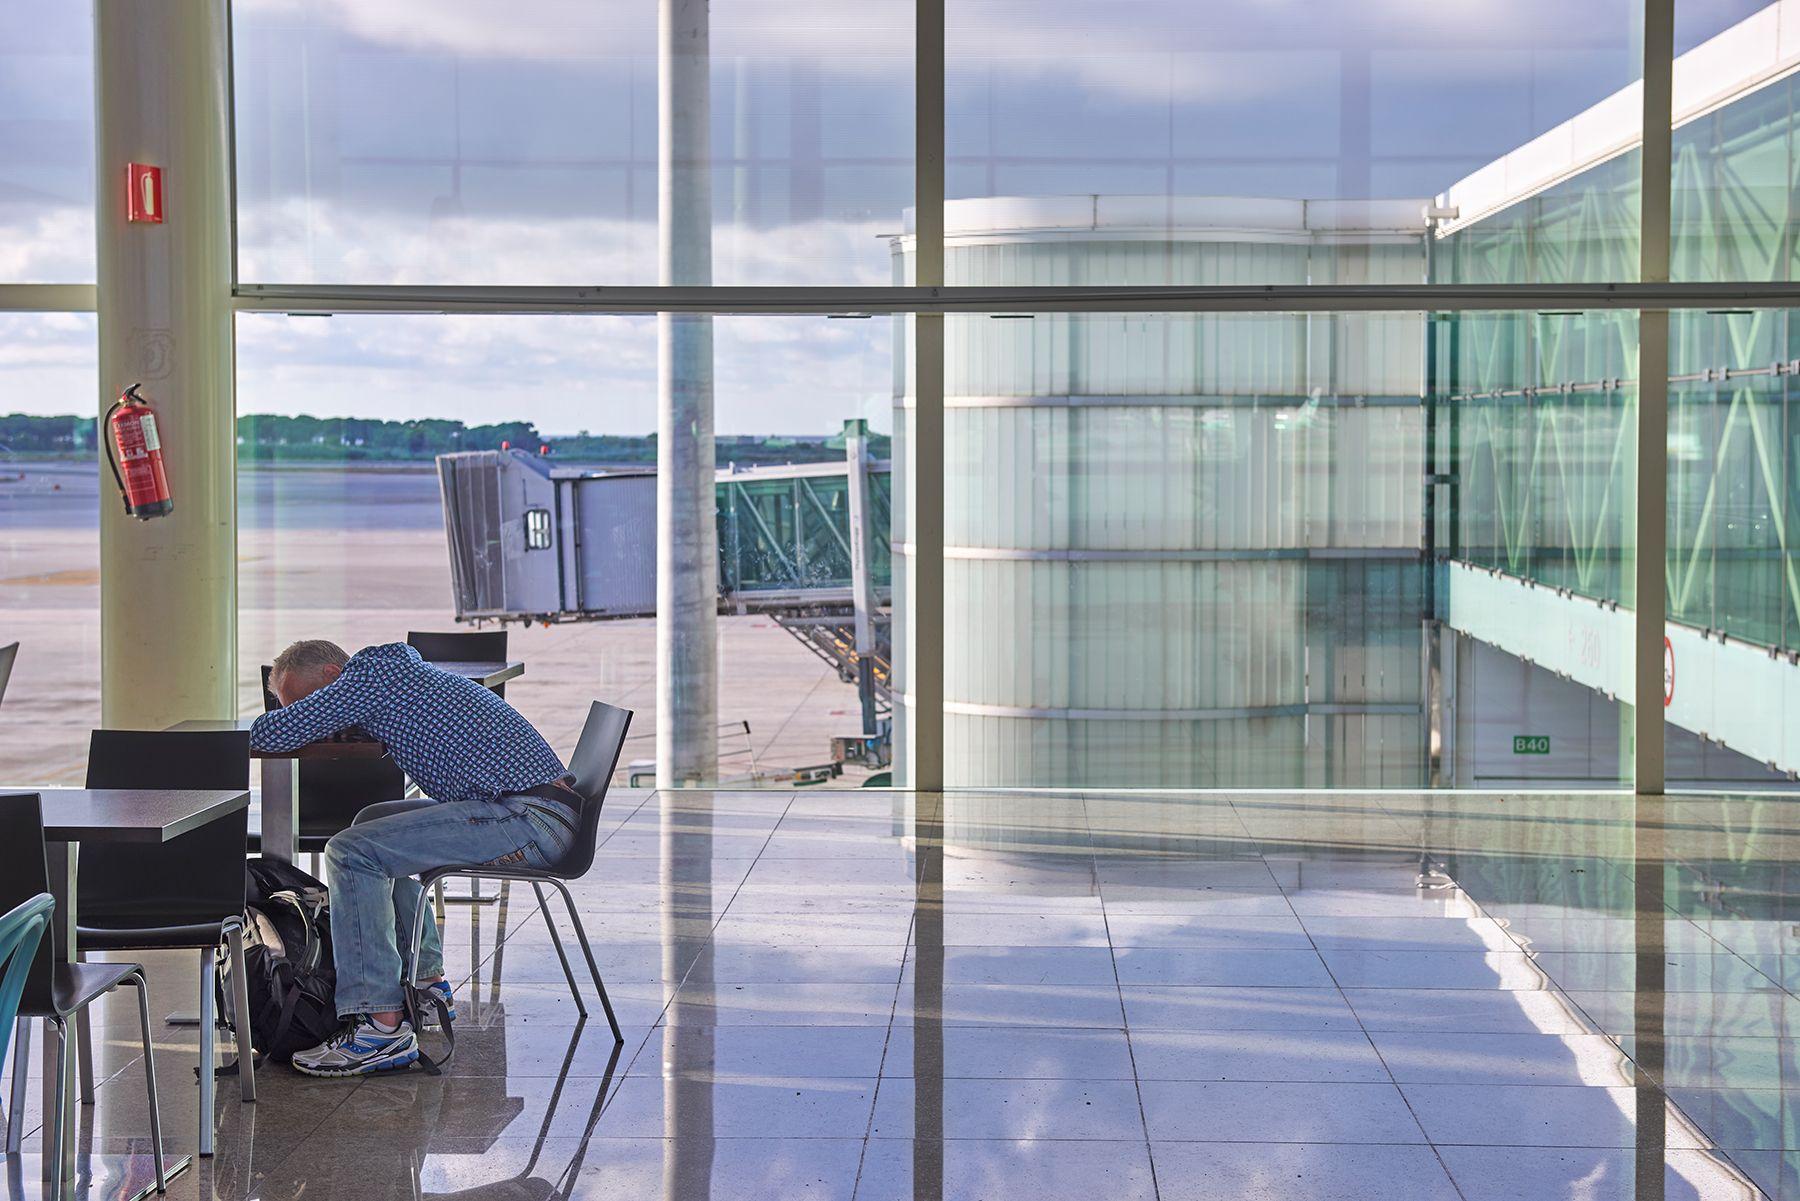 Aeropuertos 17 -durmiendo-